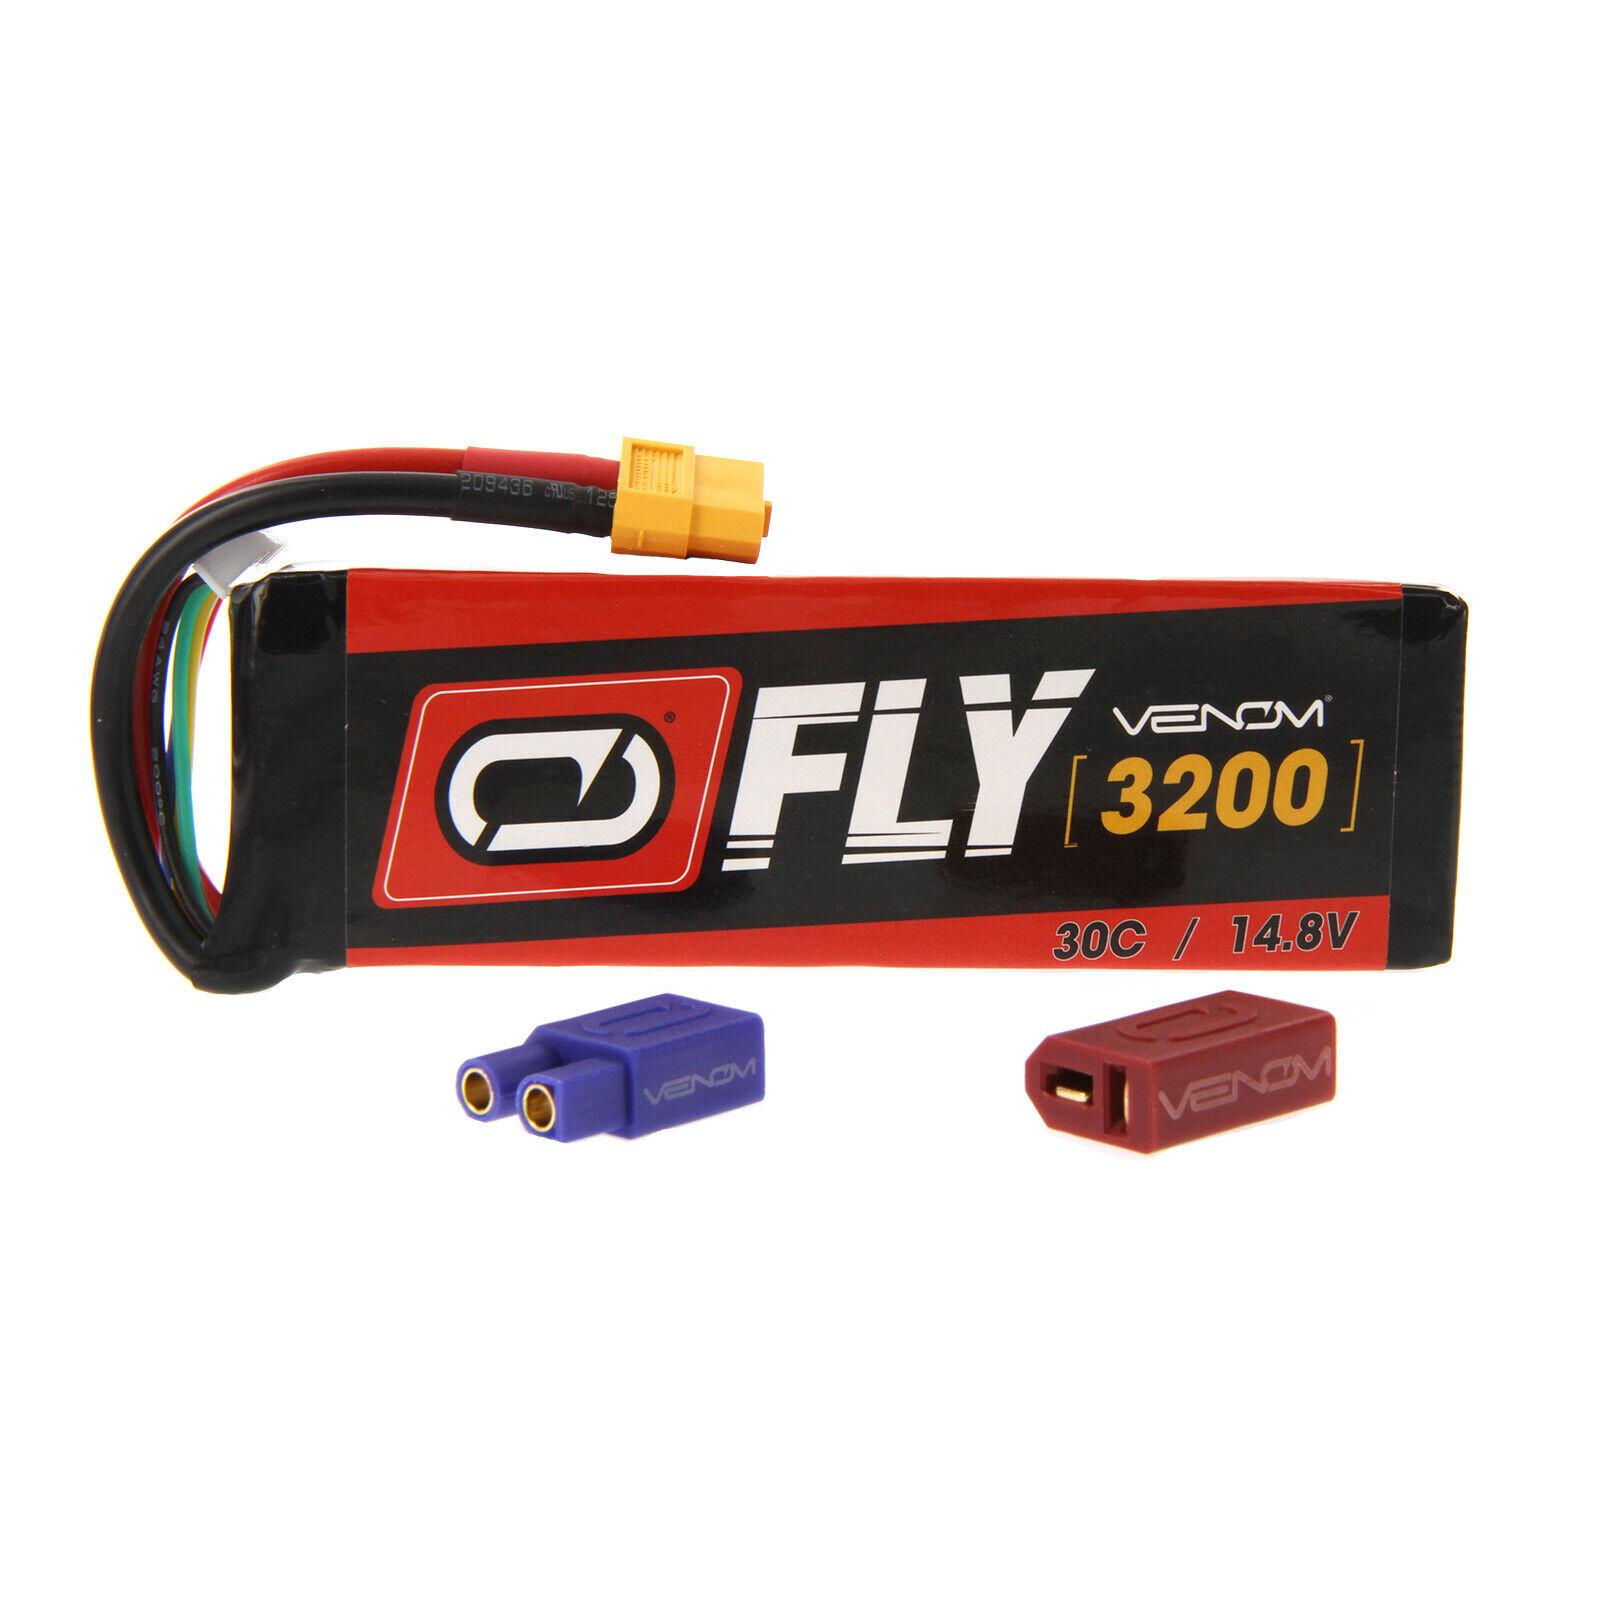 E-flite Rare orso 30C 4S  3200mAh 14.8V LiPo Battery with UNI 2.0 plug by Venom  ti aspetto